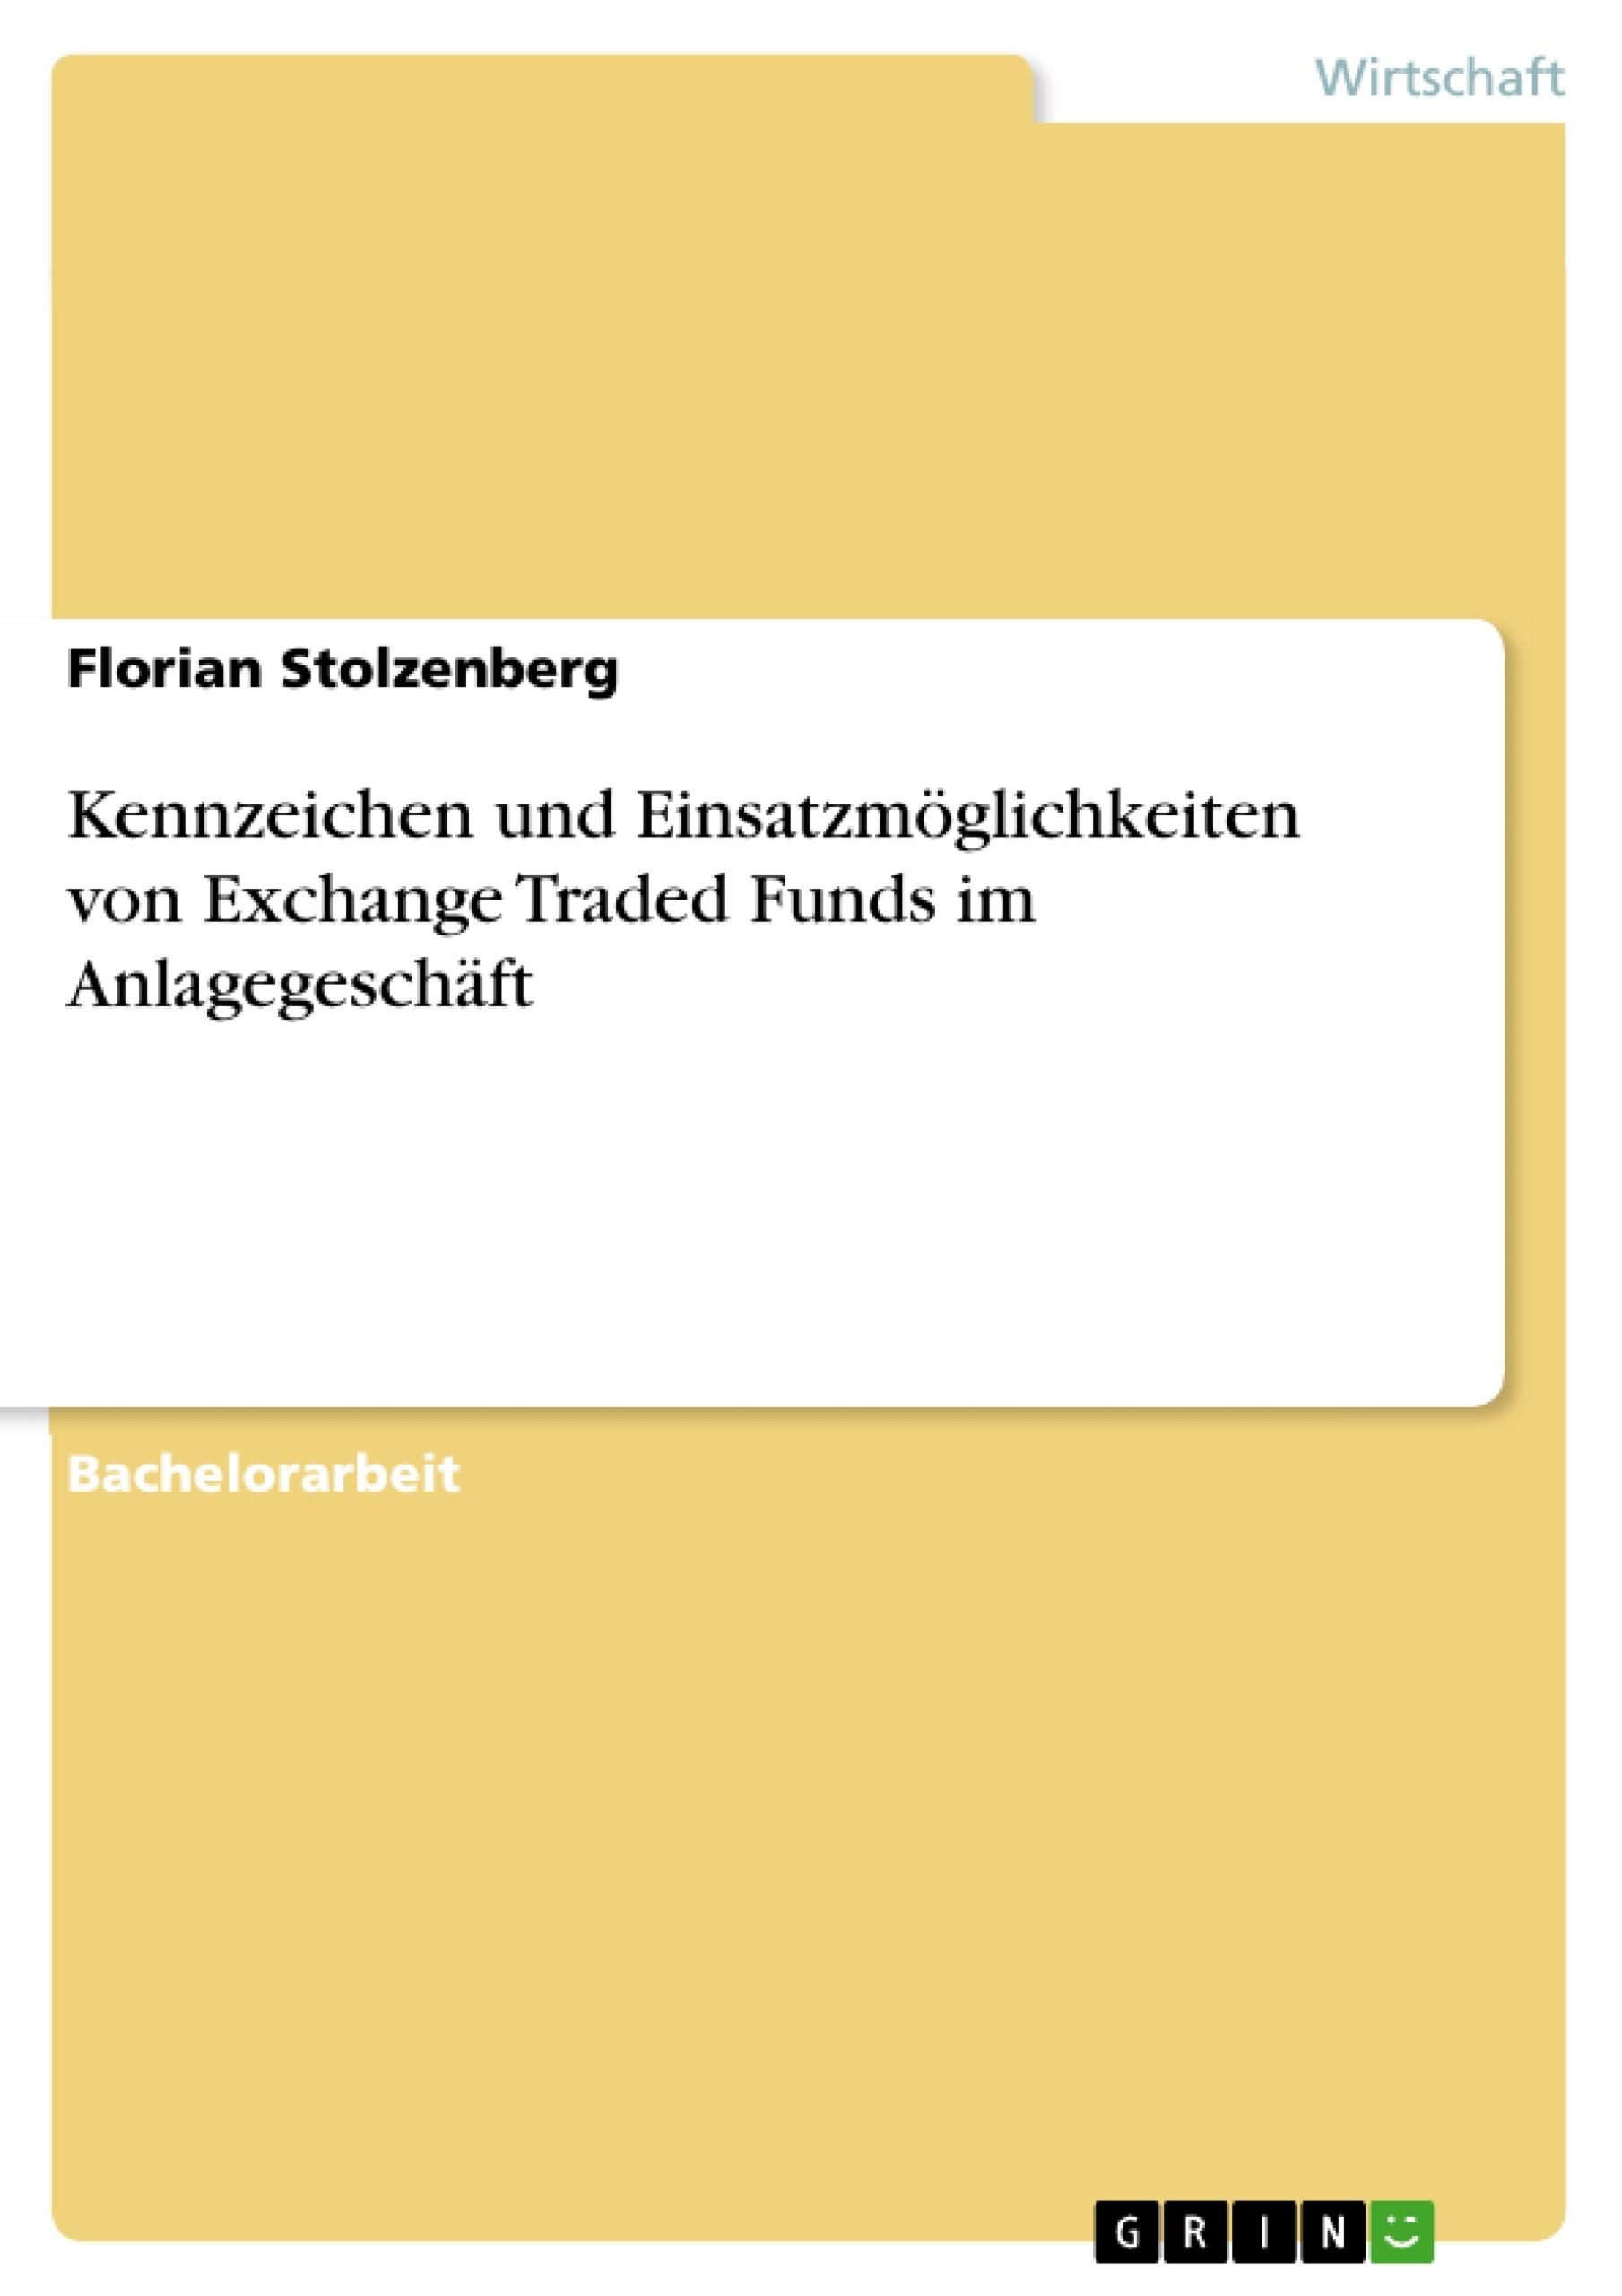 Titel: Kennzeichen und Einsatzmöglichkeiten von Exchange Traded Funds im Anlagegeschäft